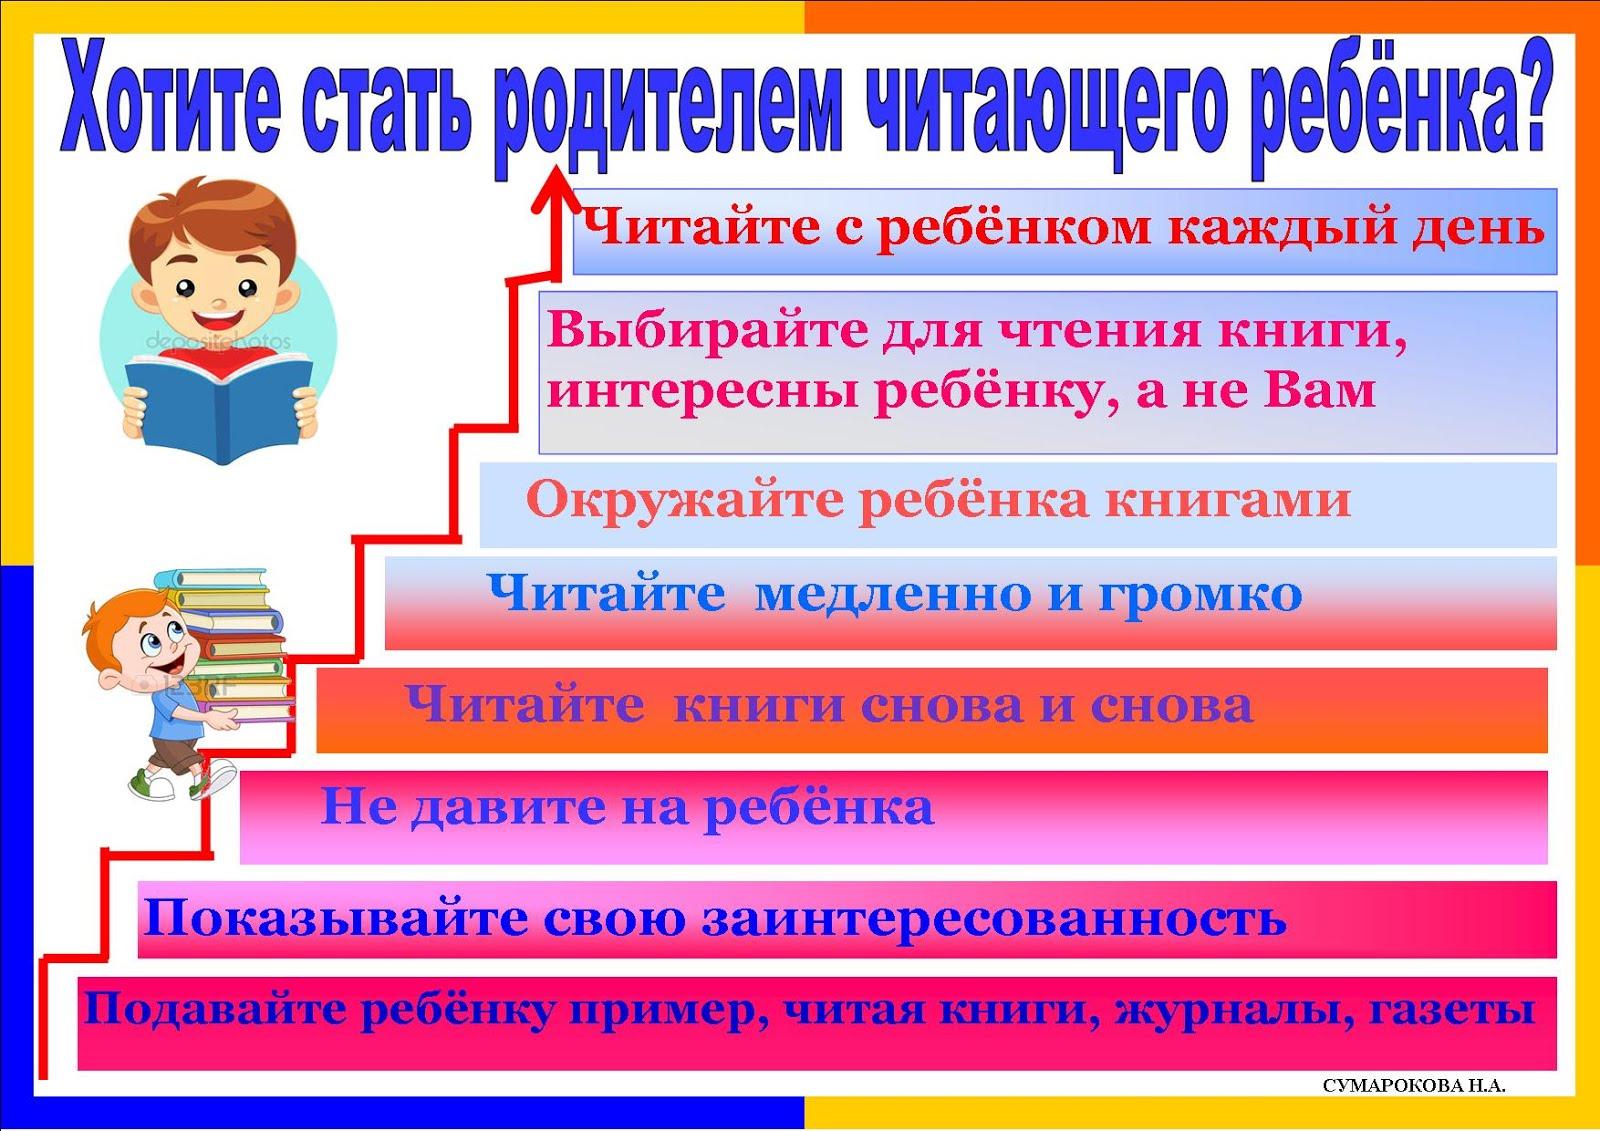 Родителям! Читающий ребёнок